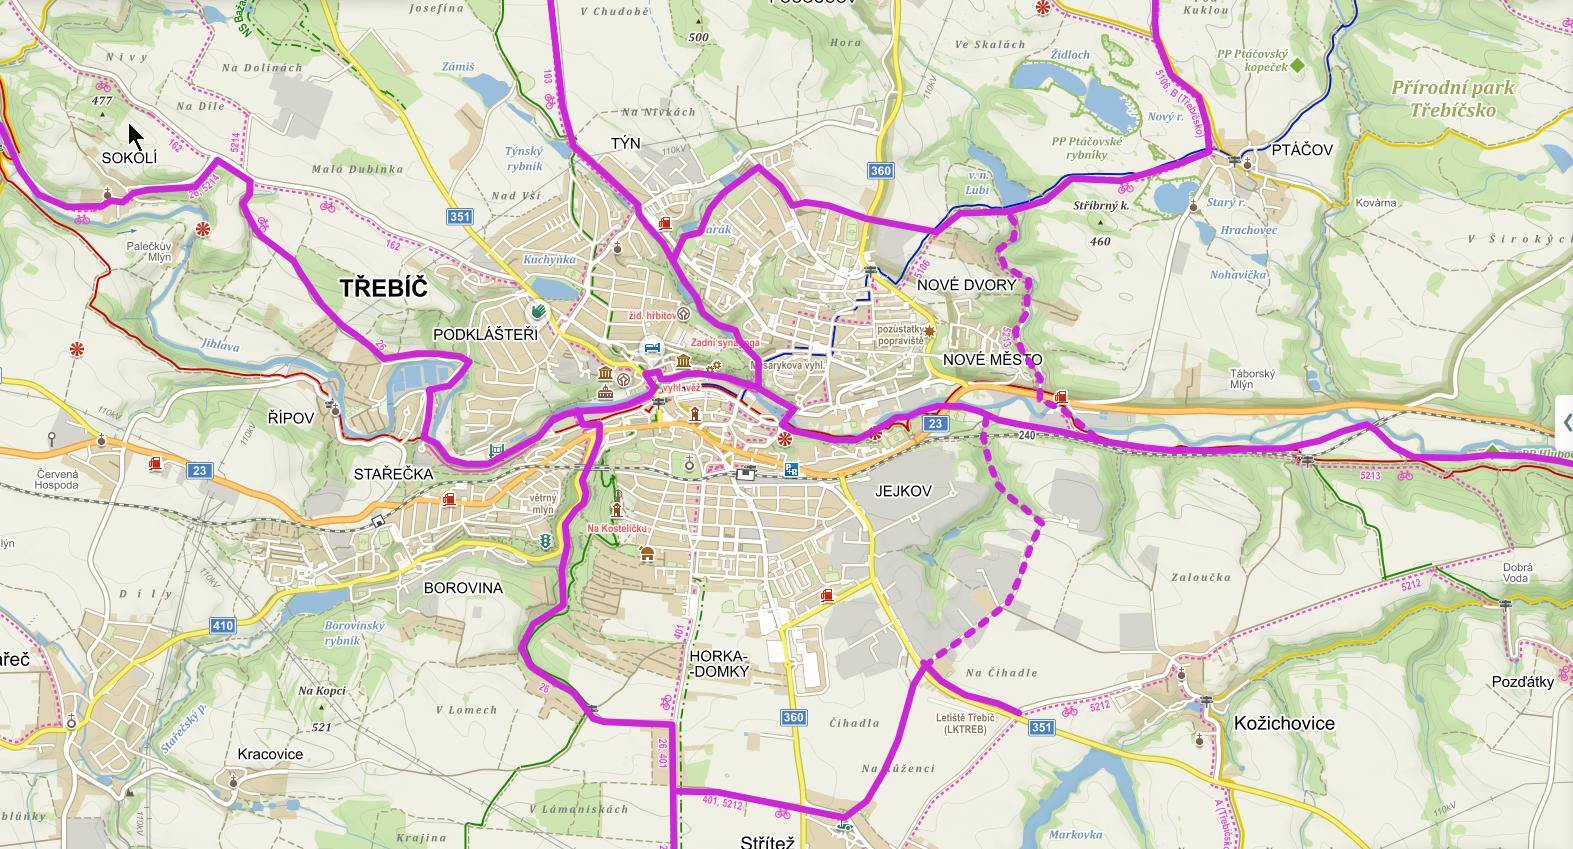 Mapa ukazující možné cyklistické trasy ve městě